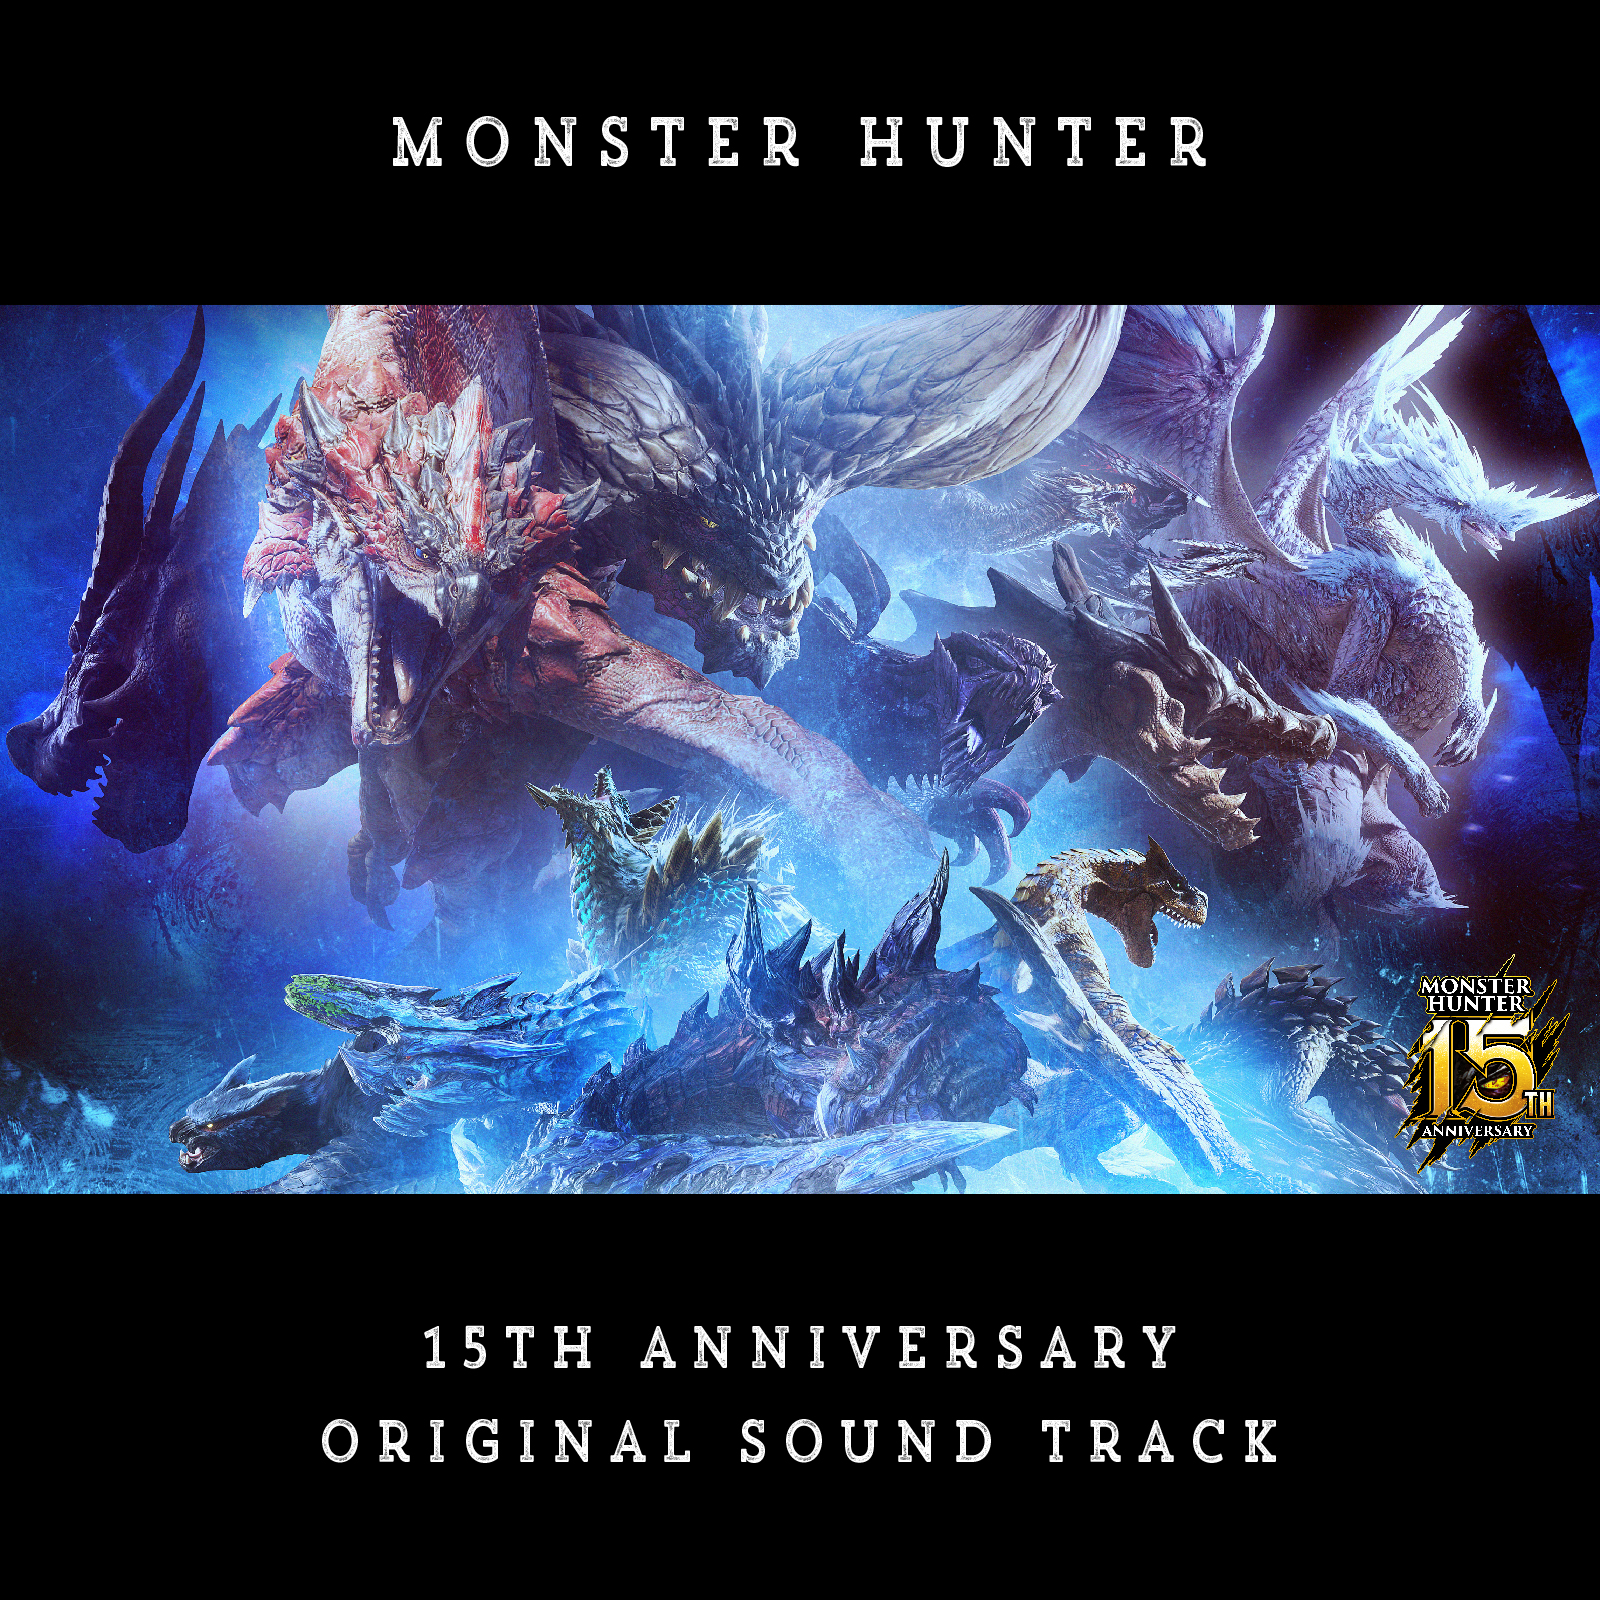 モンスターハンター15周年記念盤 オリジナル・サウンドトラック